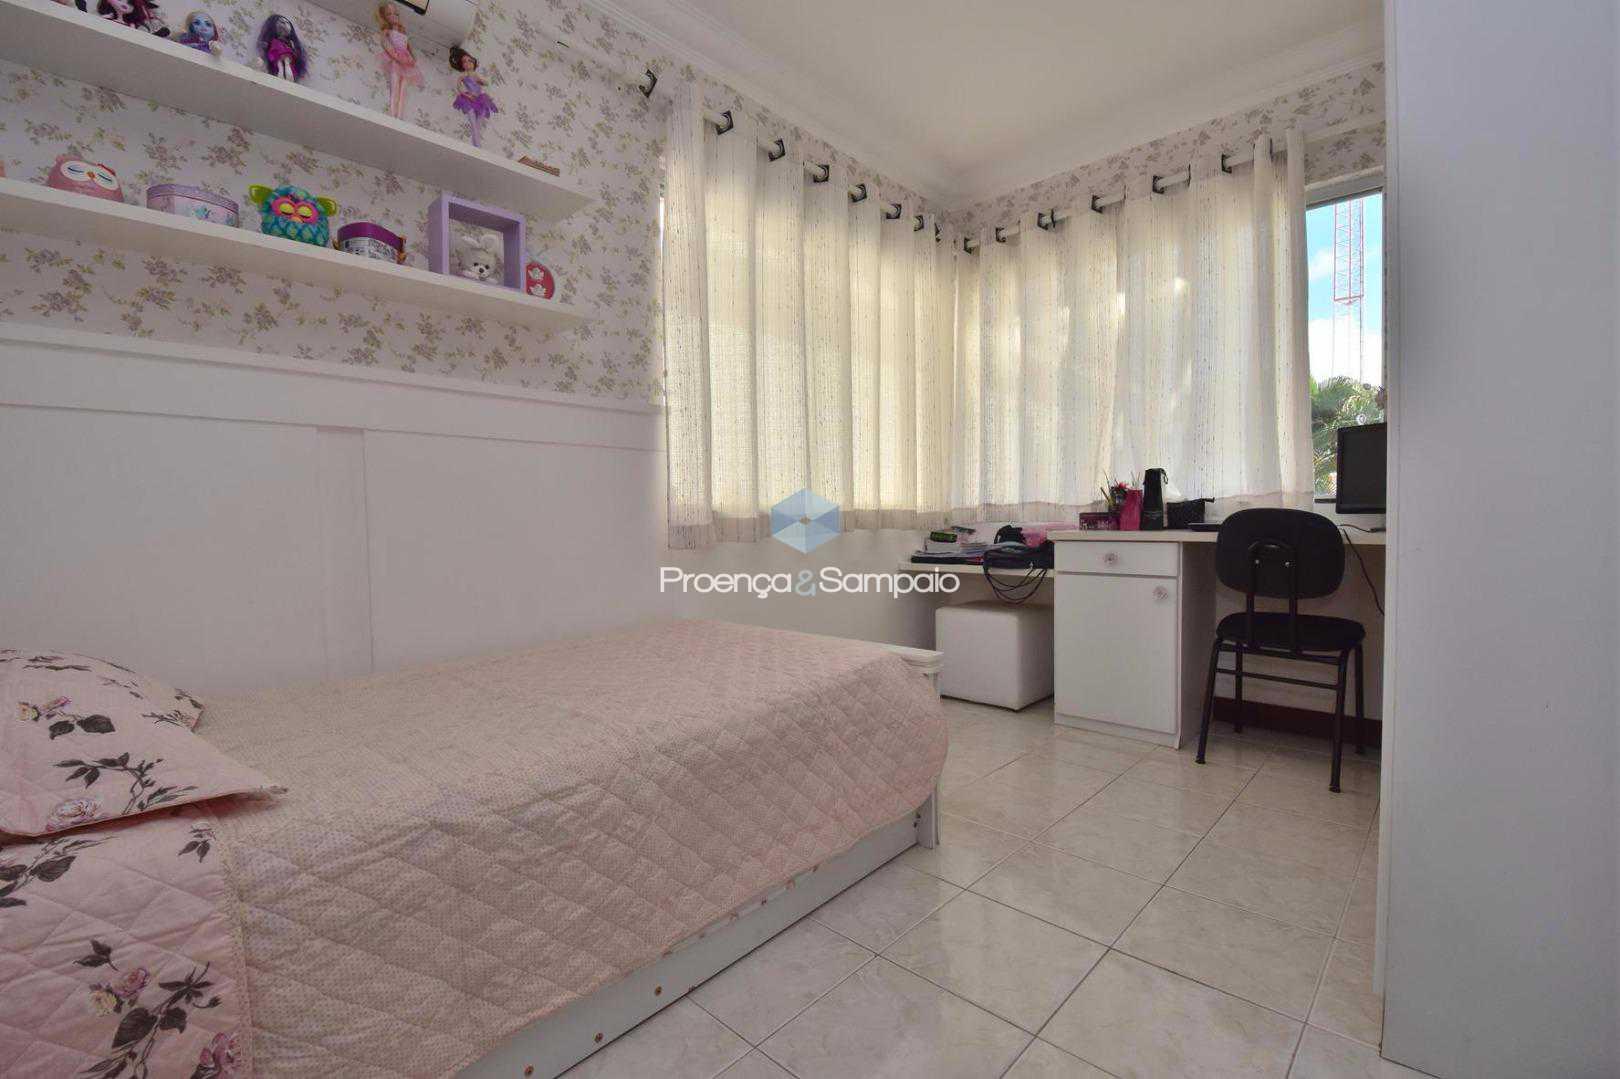 FOTO28 - Casa em Condomínio 4 quartos à venda Lauro de Freitas,BA - R$ 870.000 - PSCN40007 - 30